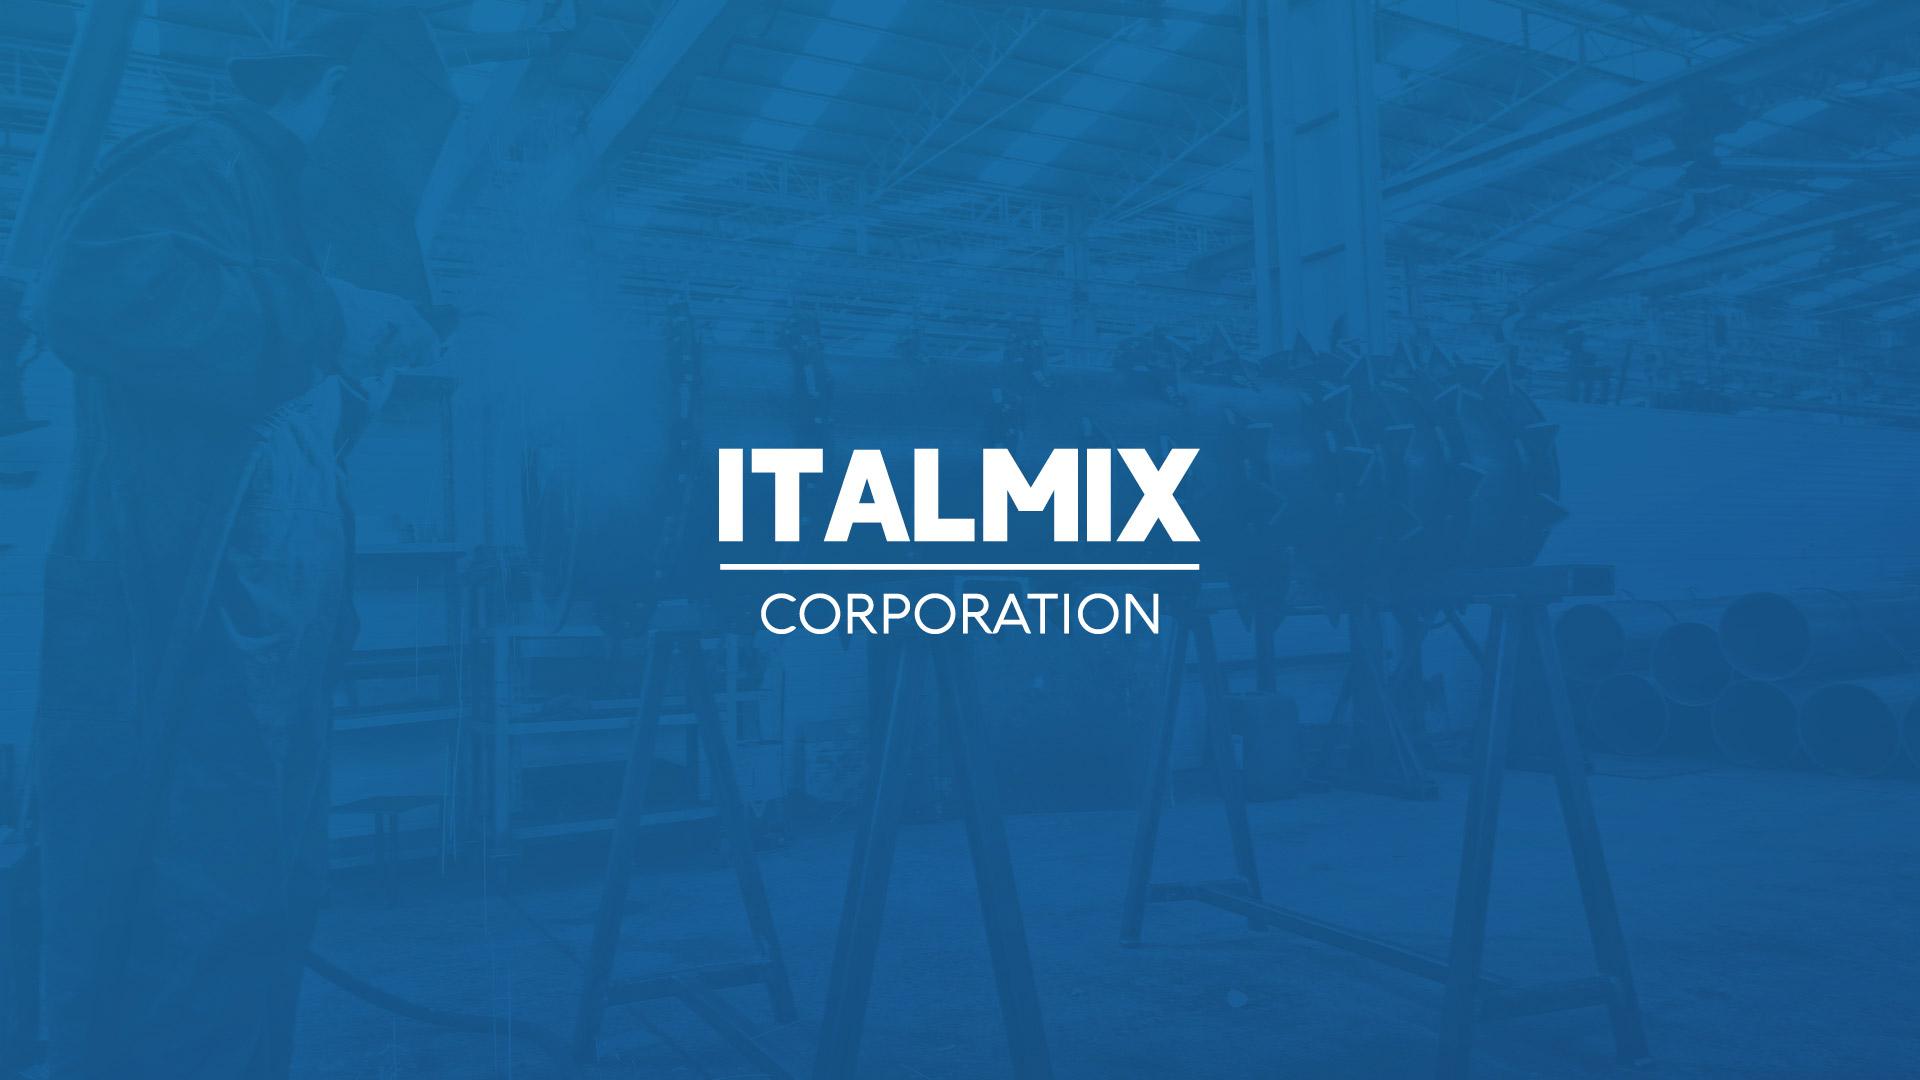 italmix